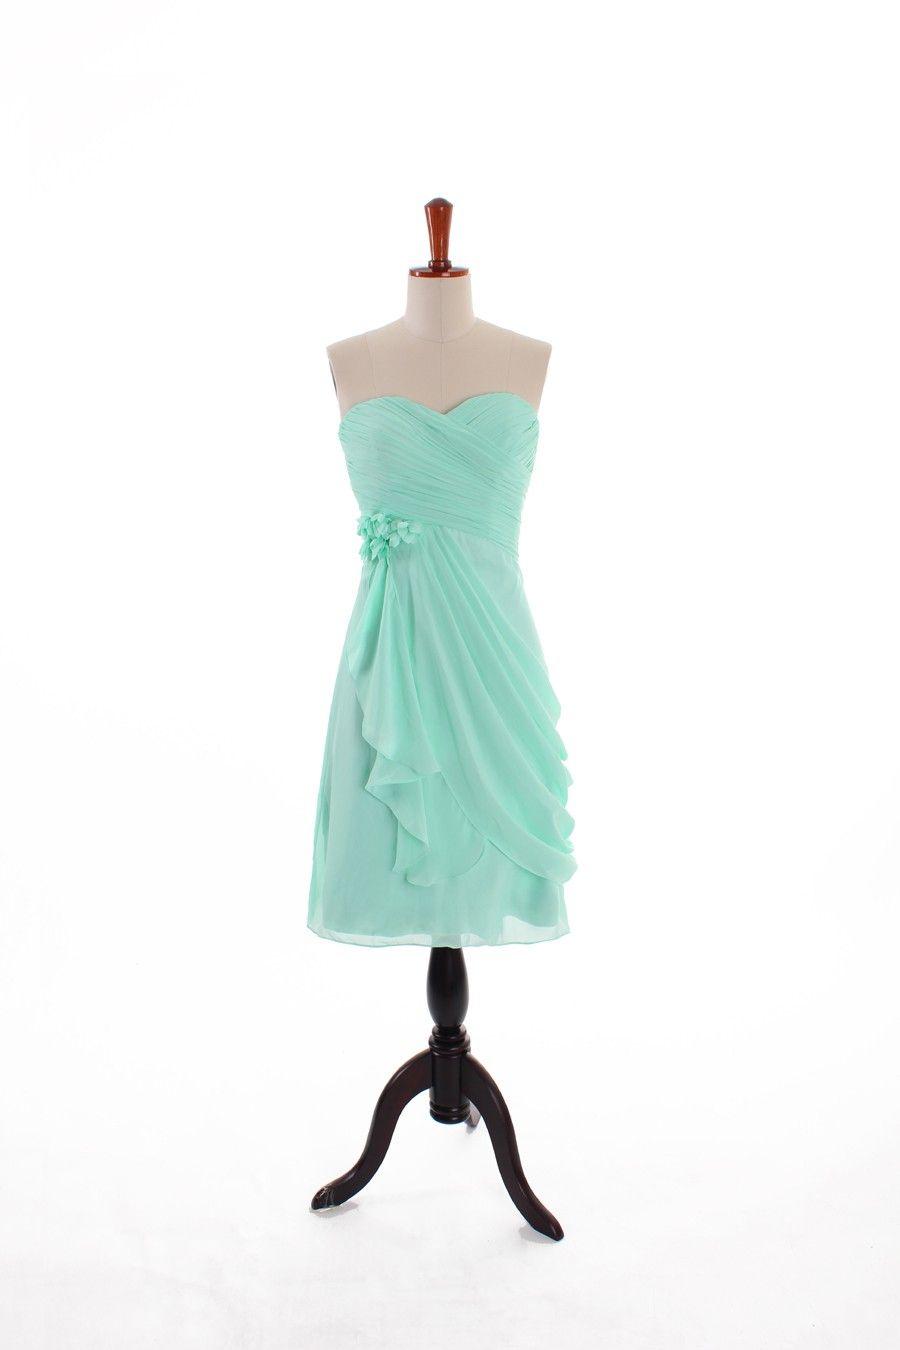 Sweetheart chiffon bridesmaid dress with natural waist